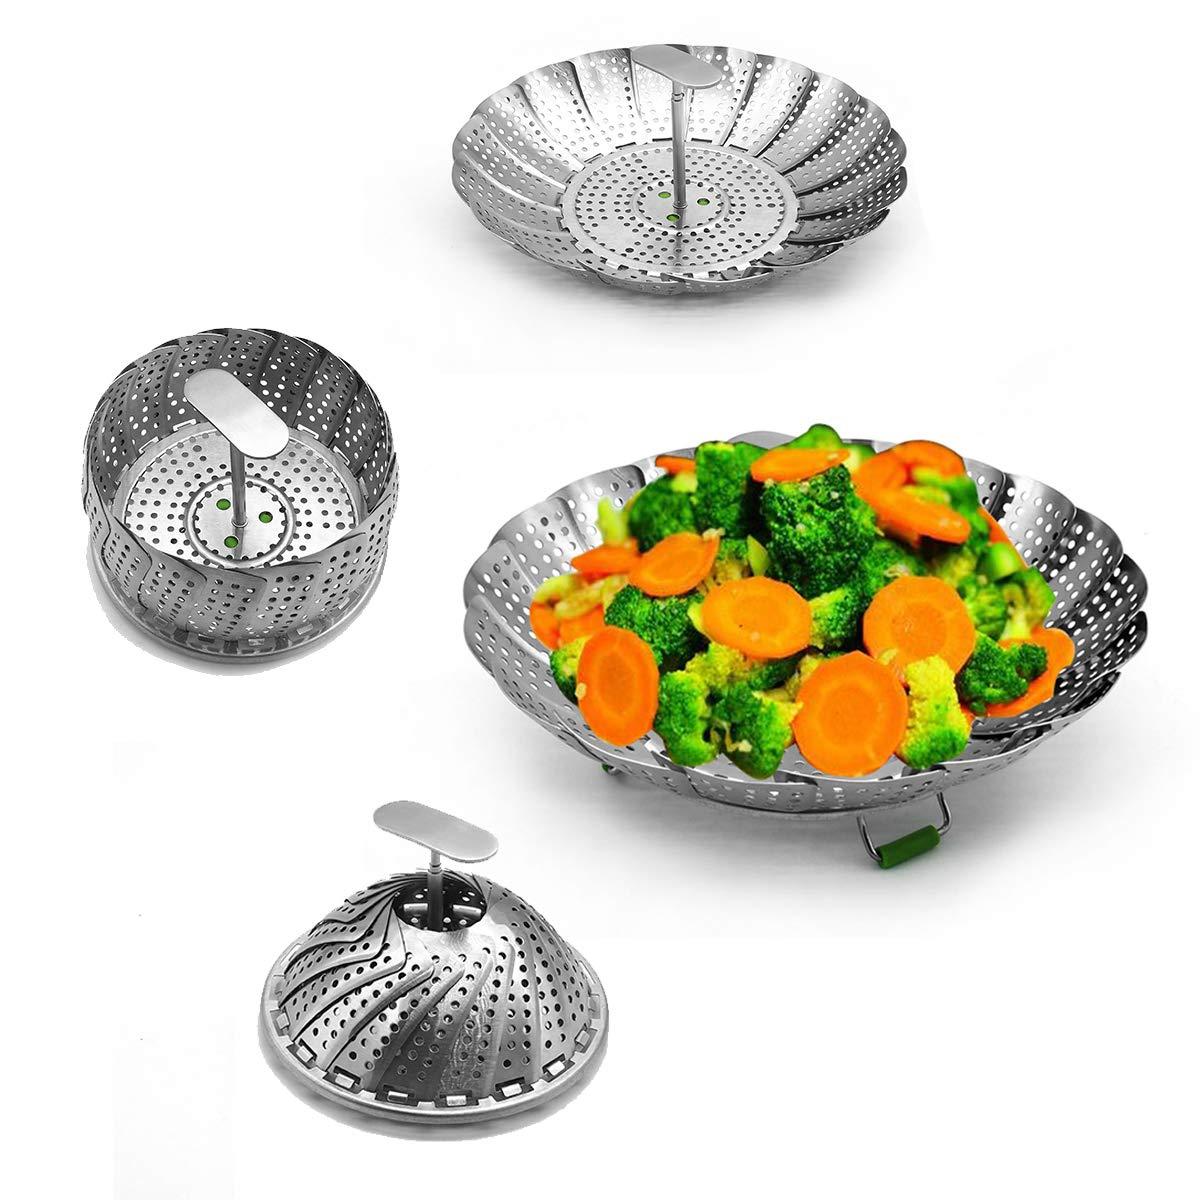 Vegetable Steamer Basket,Steam Basket for Instant Pot/Pressure Cooker,100% Stainless Steel,Best Bundle,Instant Pot Accessories, Folding Steamer Fit Various Size